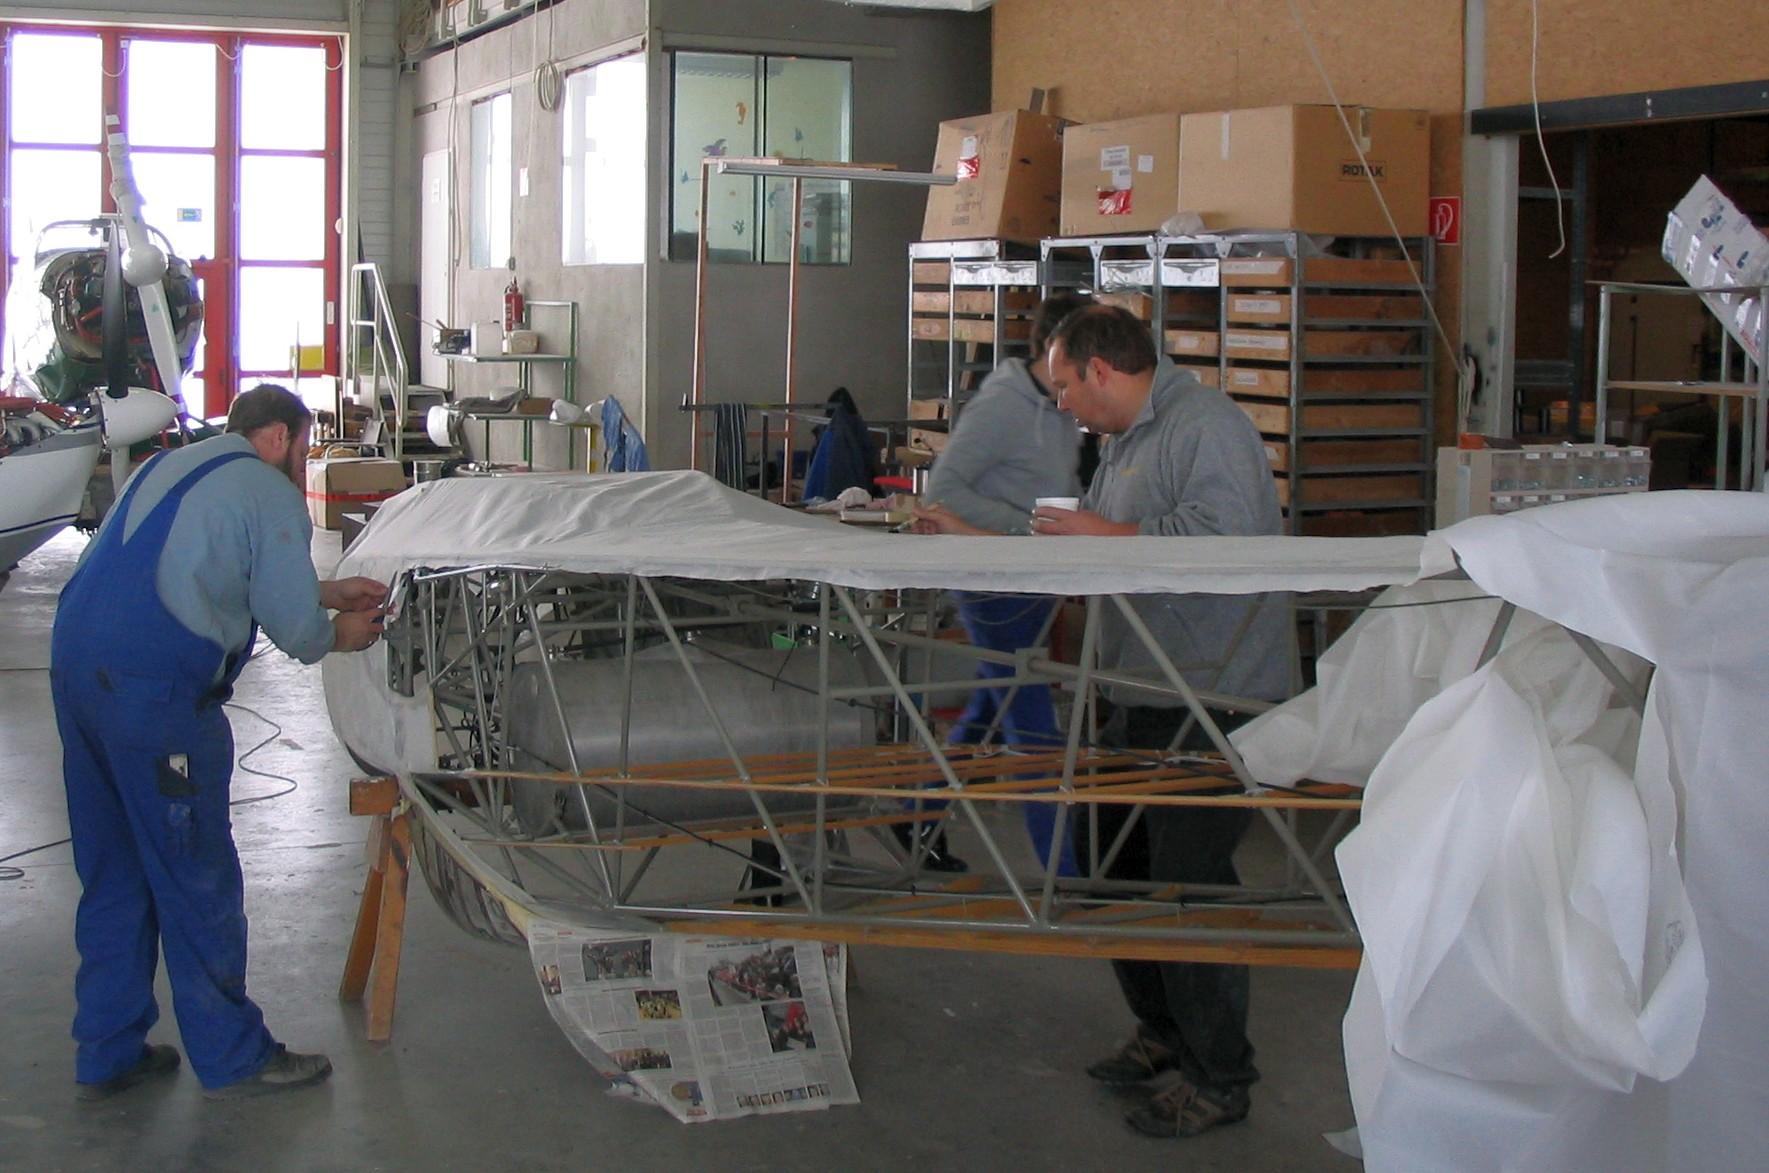 Hartmut Sammet und Jörg beim Bespannen der Rumpfunterseite